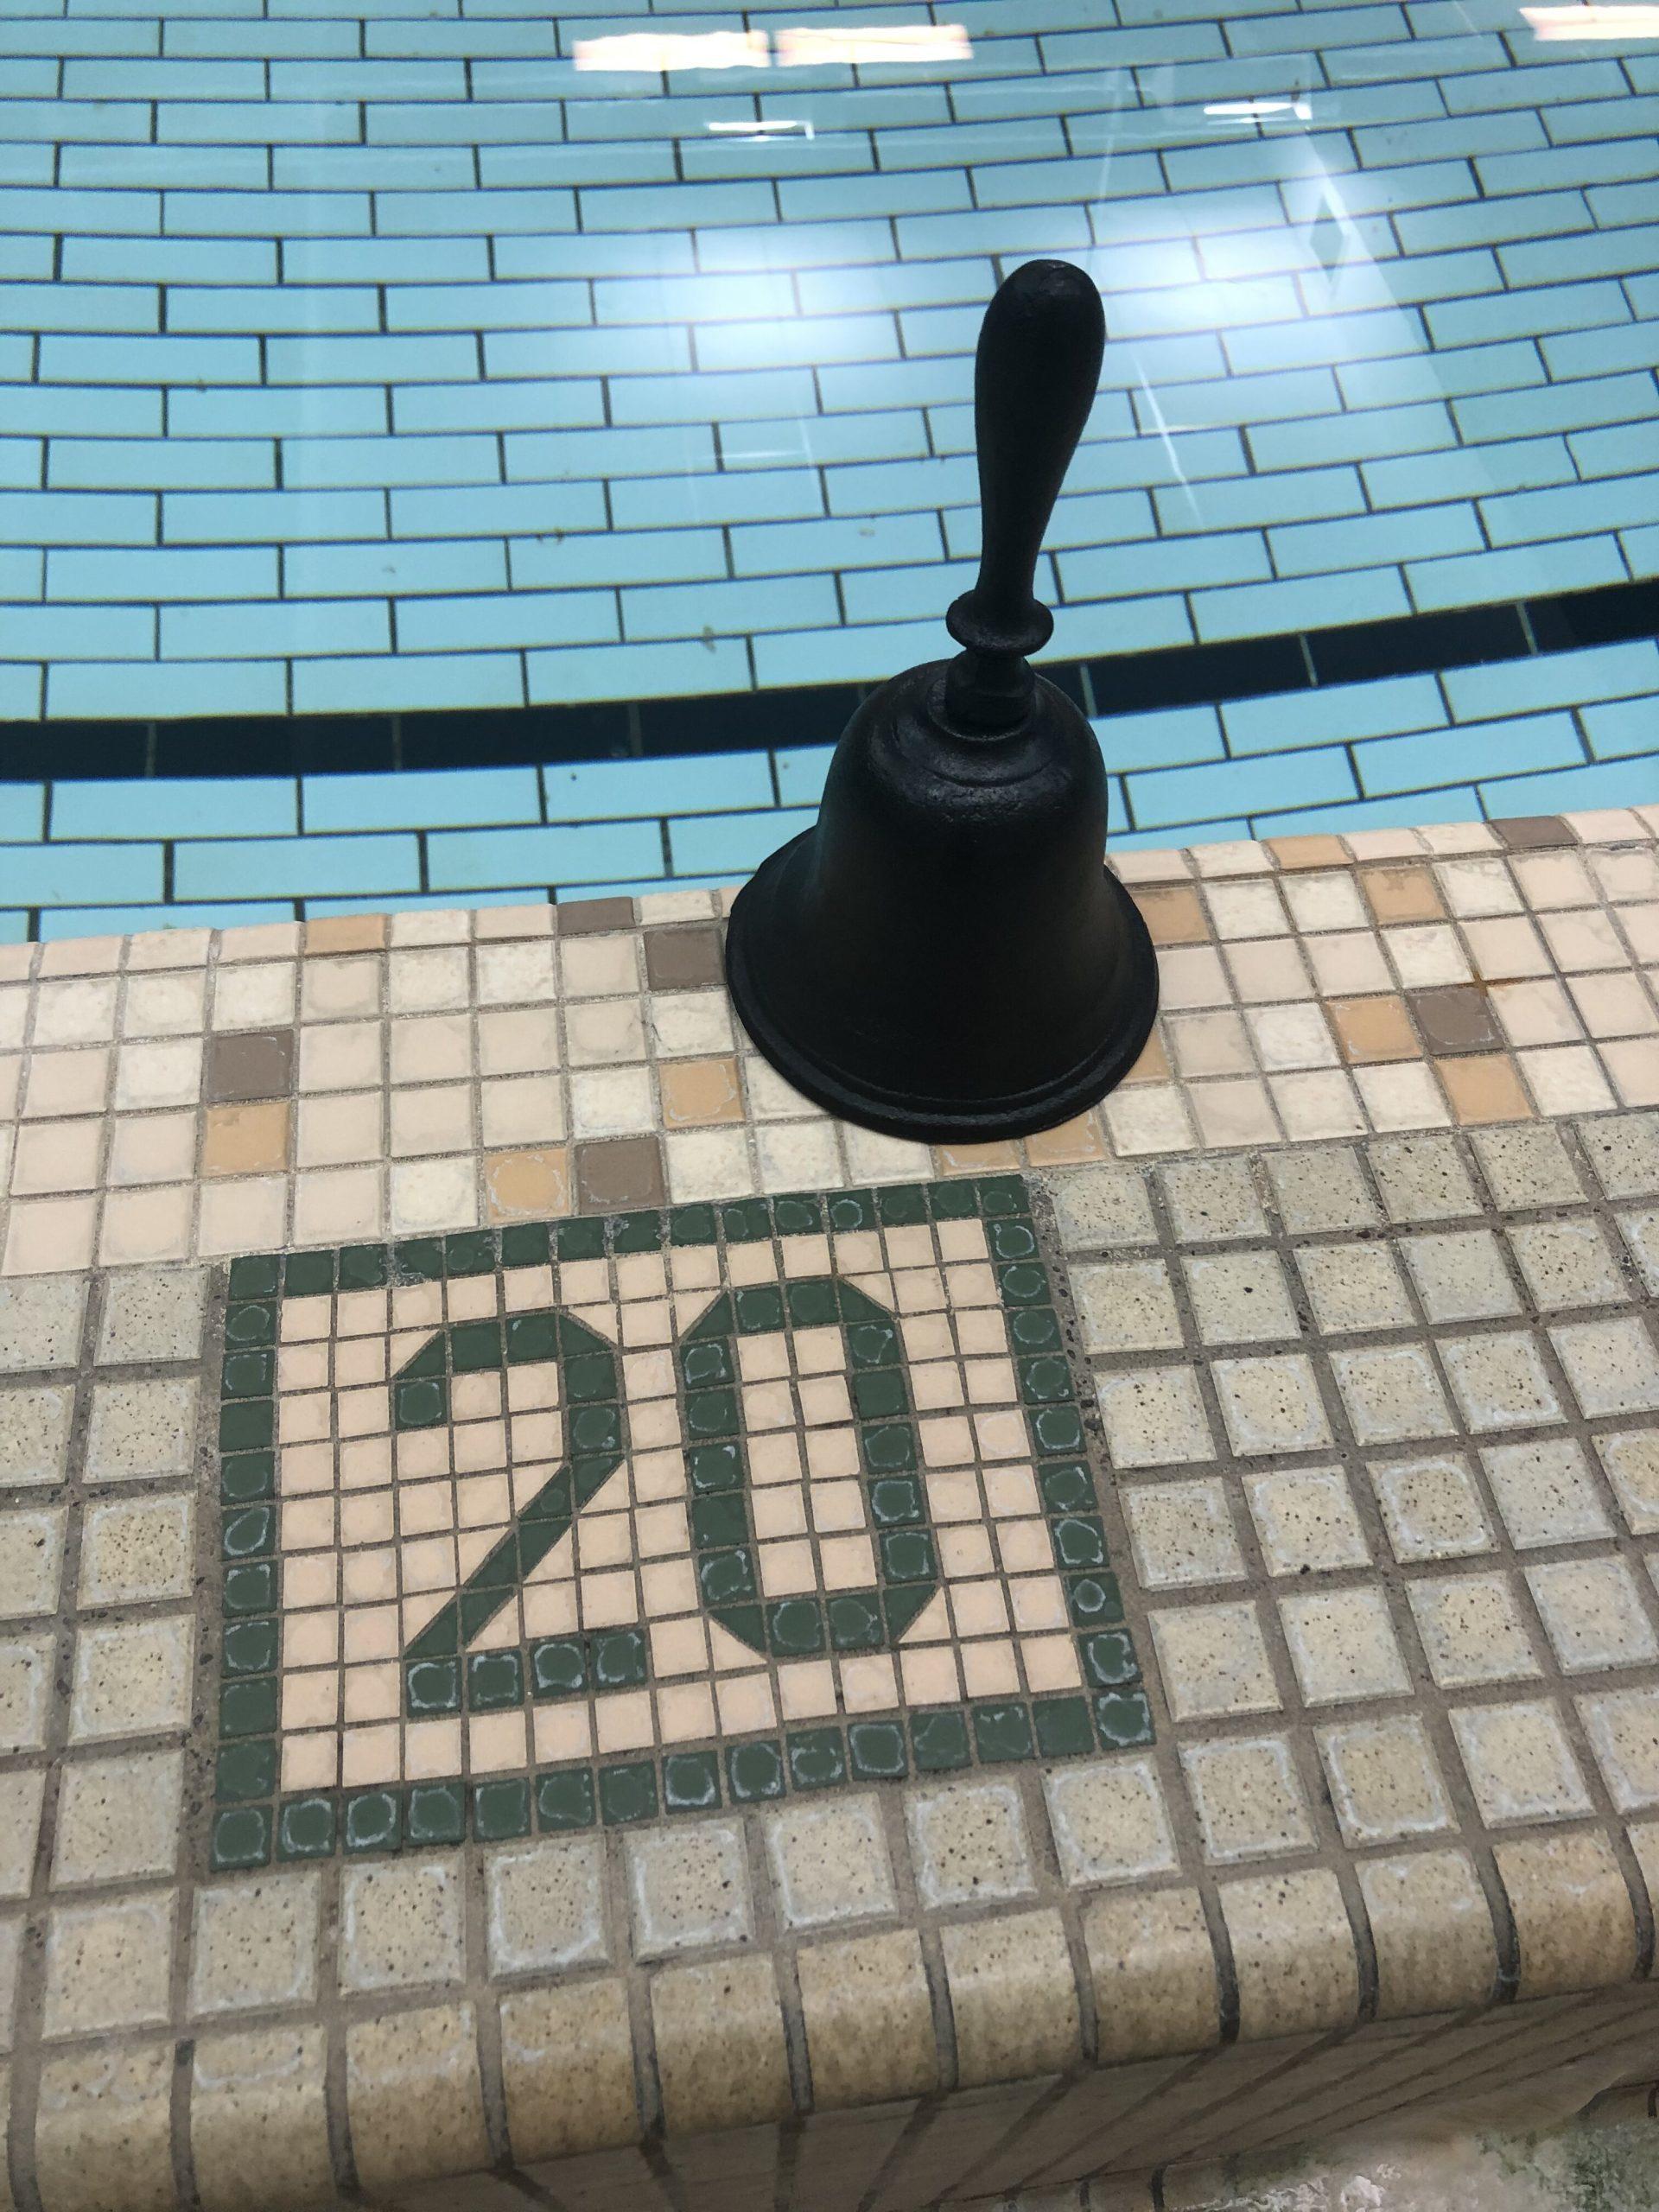 2020 Bell, creation from Bridger Bell